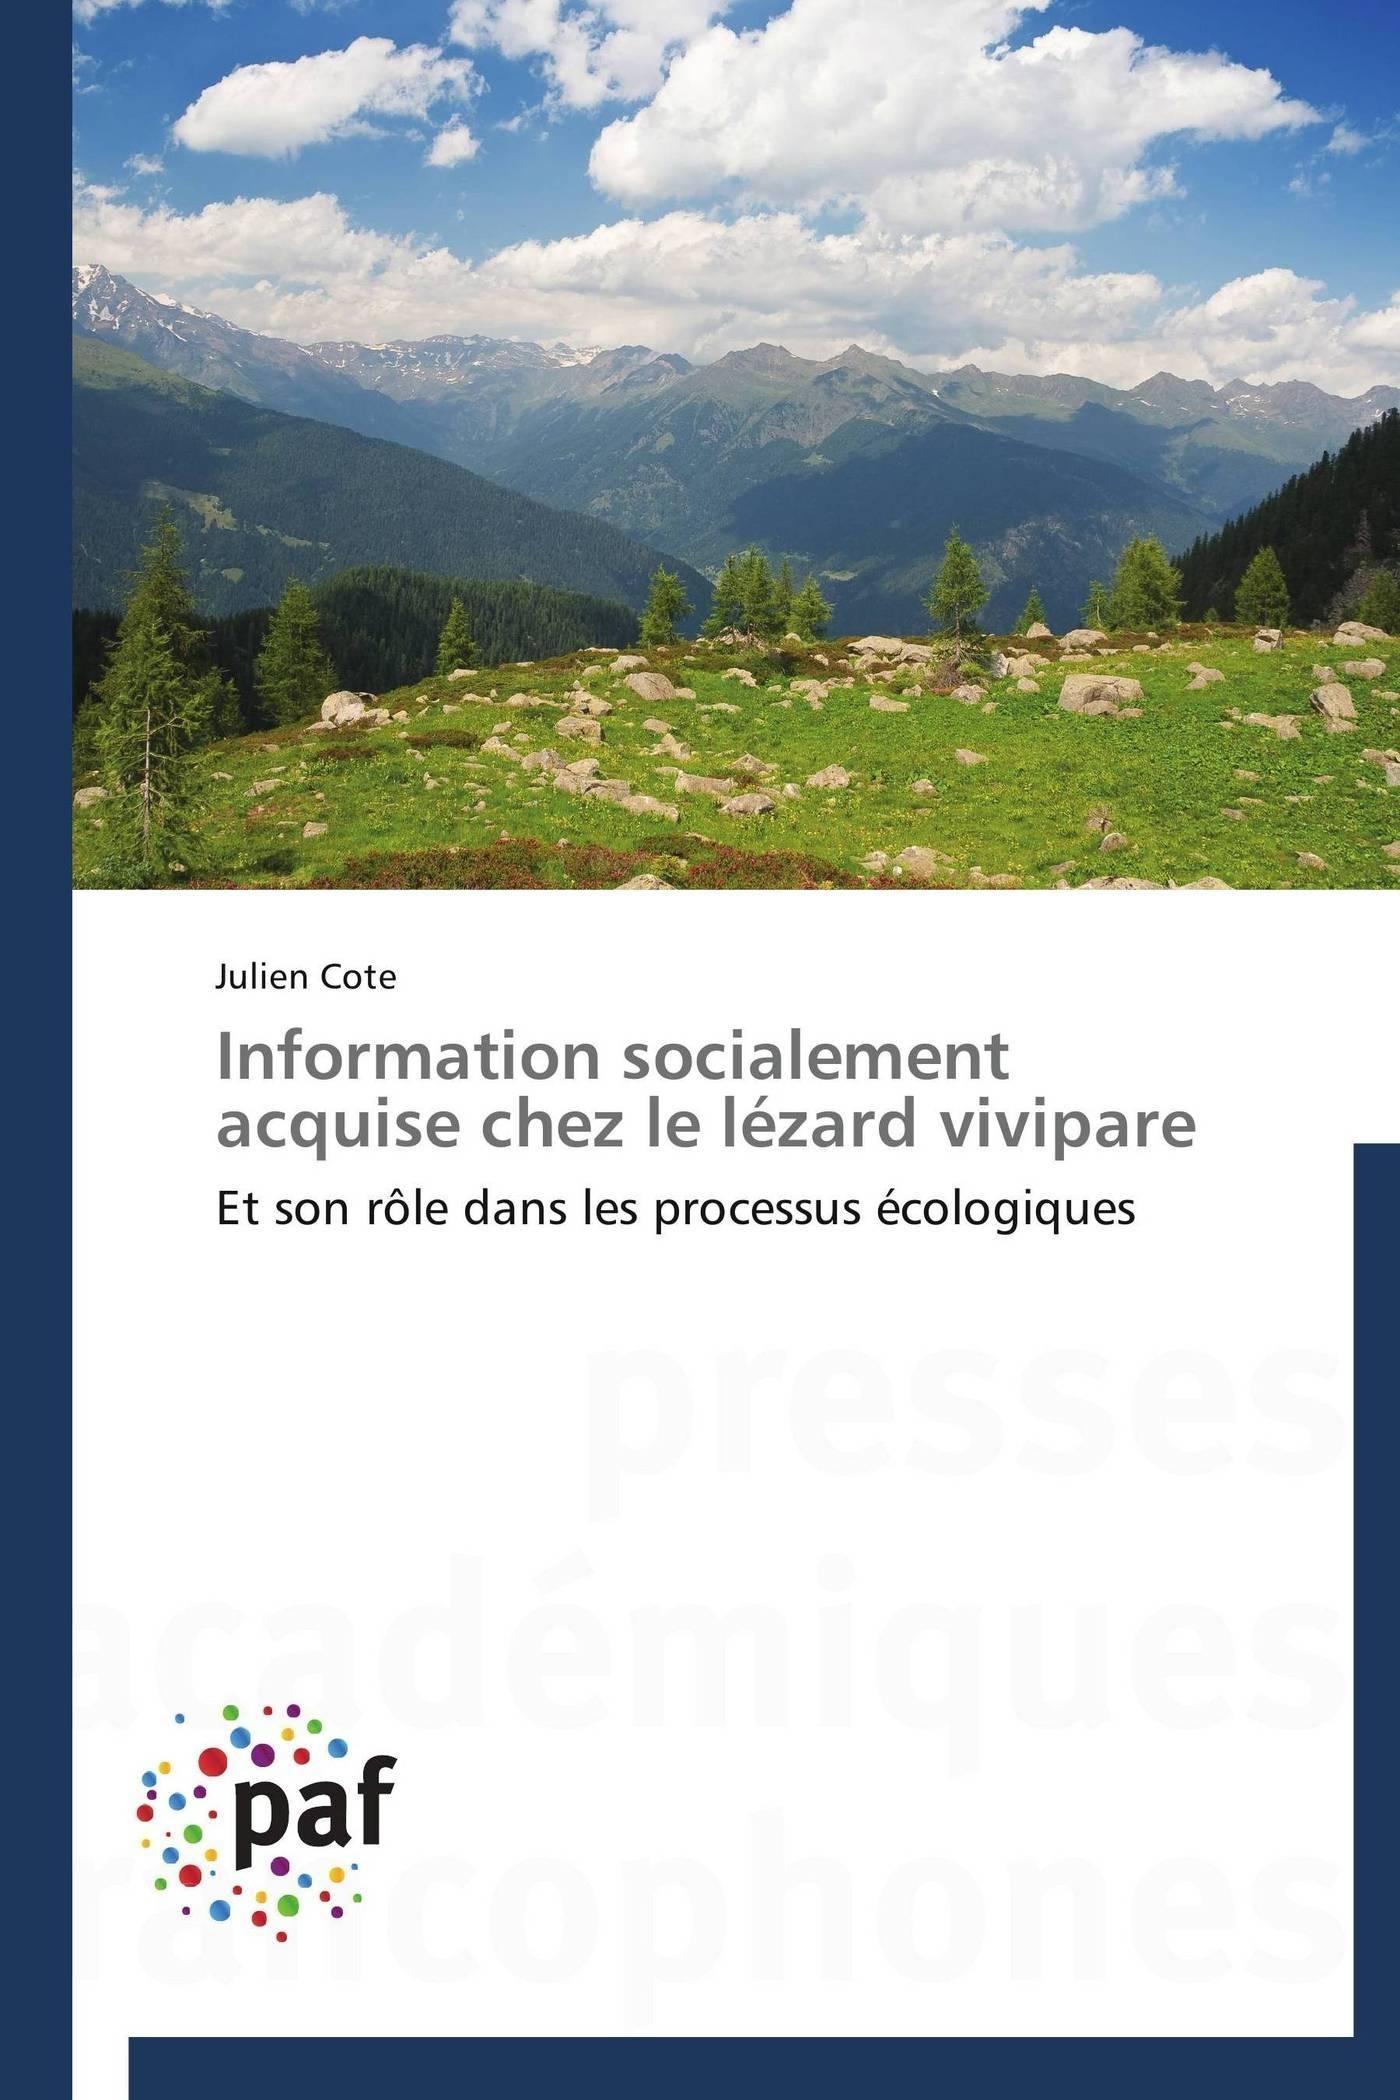 INFORMATION SOCIALEMENT ACQUISE CHEZ LE LEZARD VIVIPARE